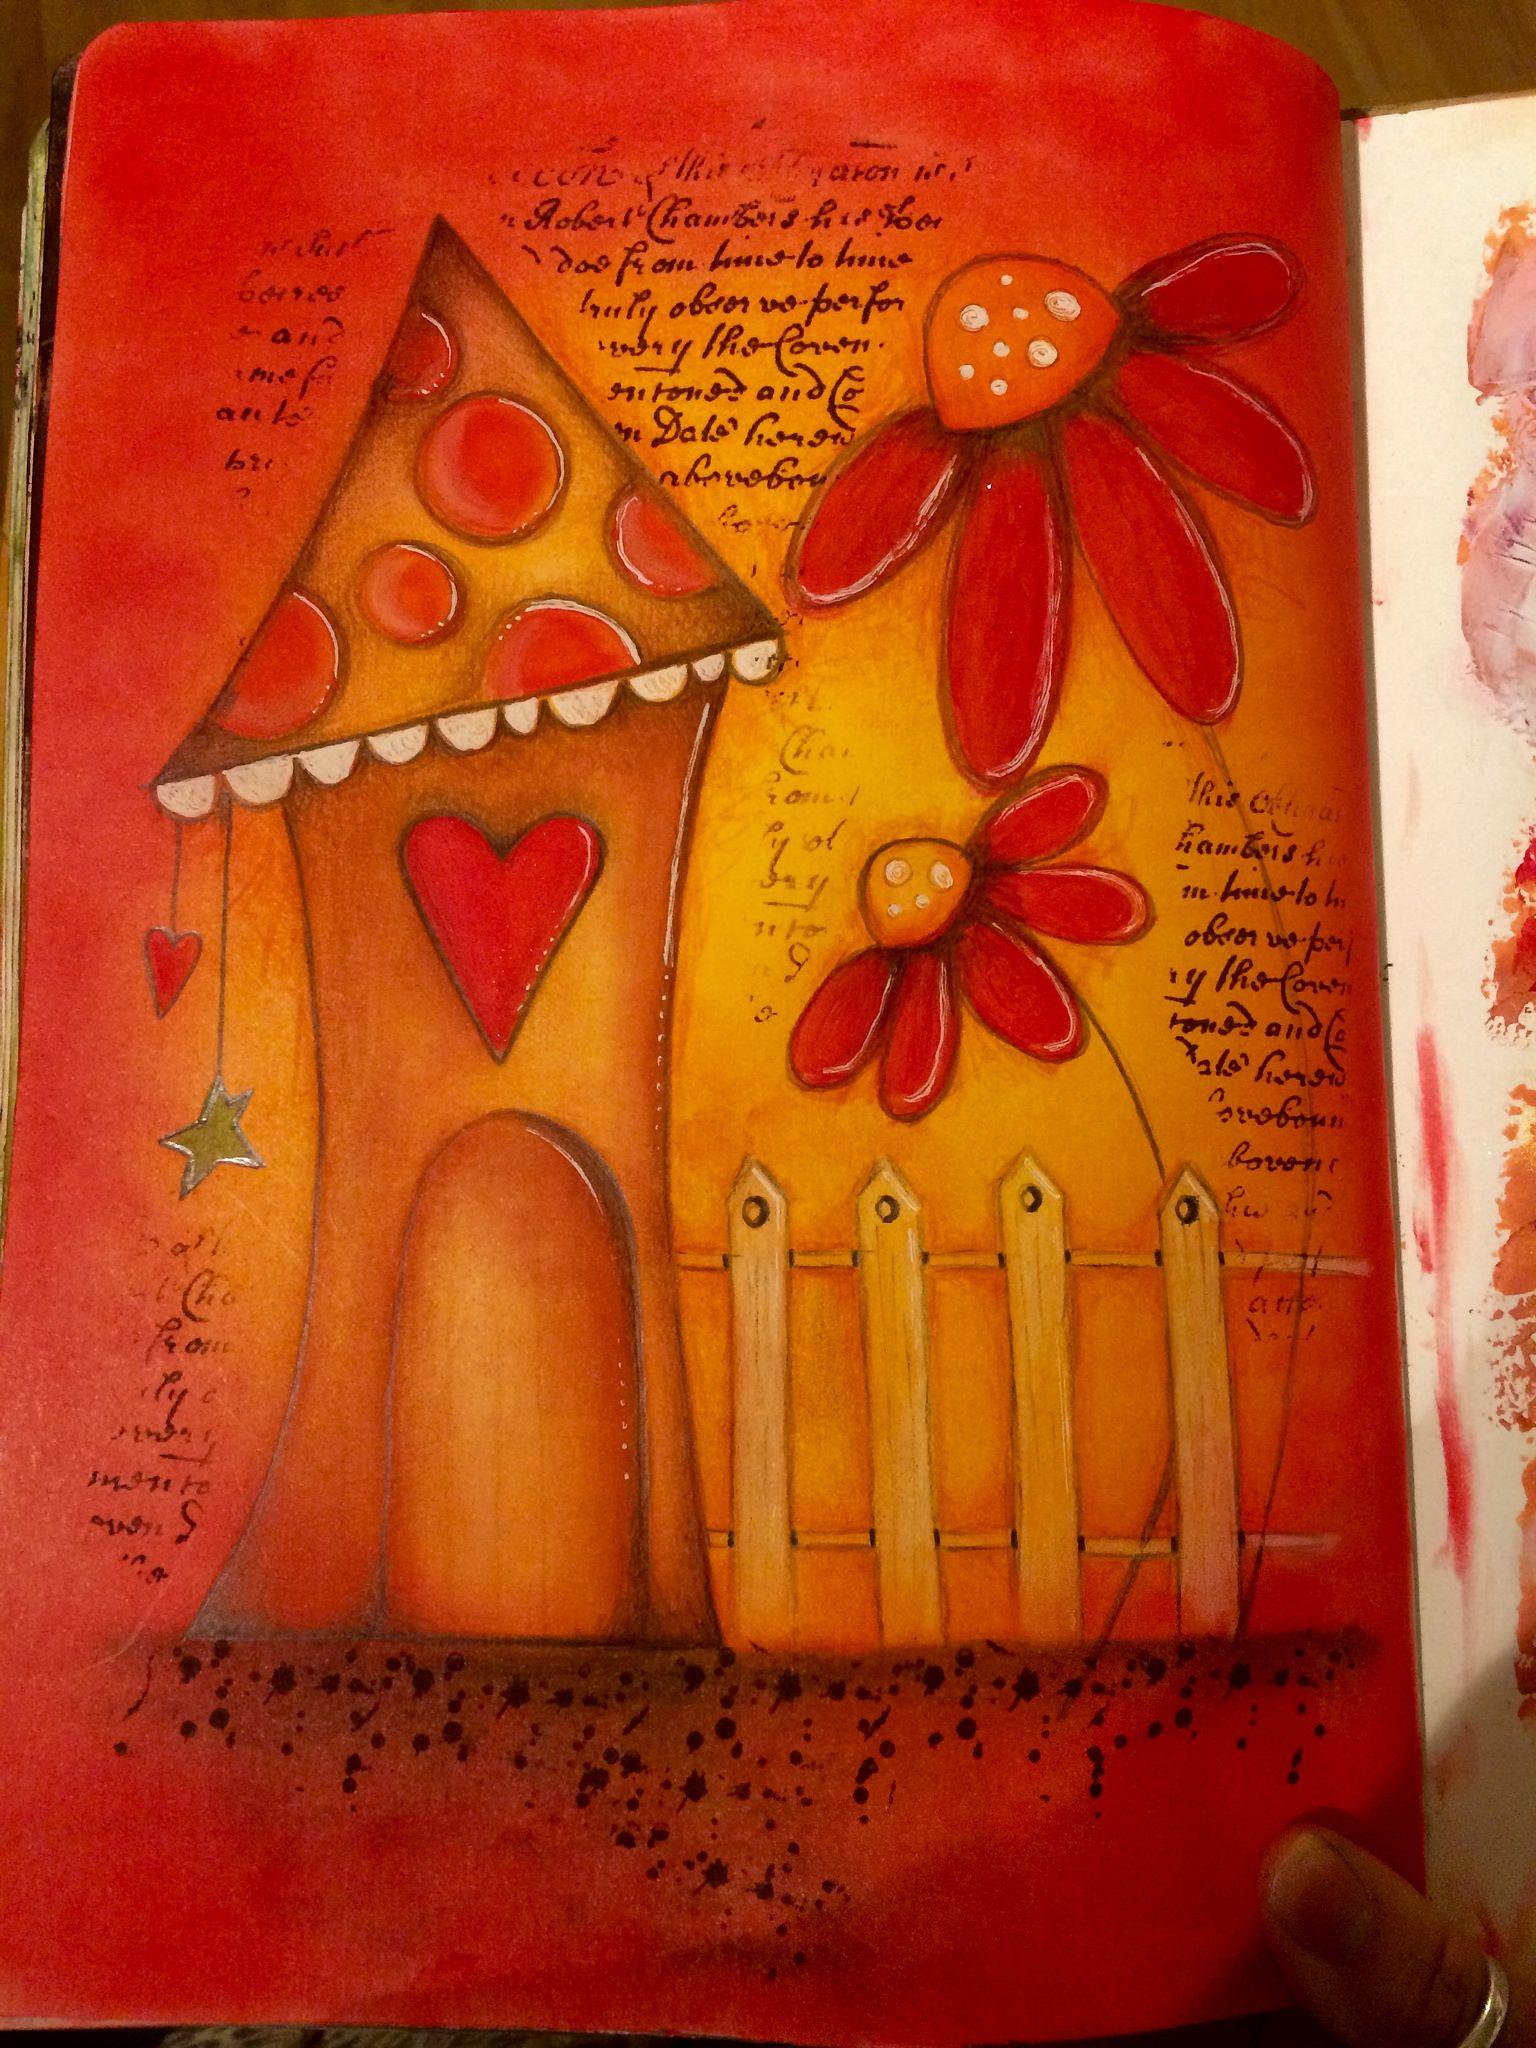 Pan pastel art journal page